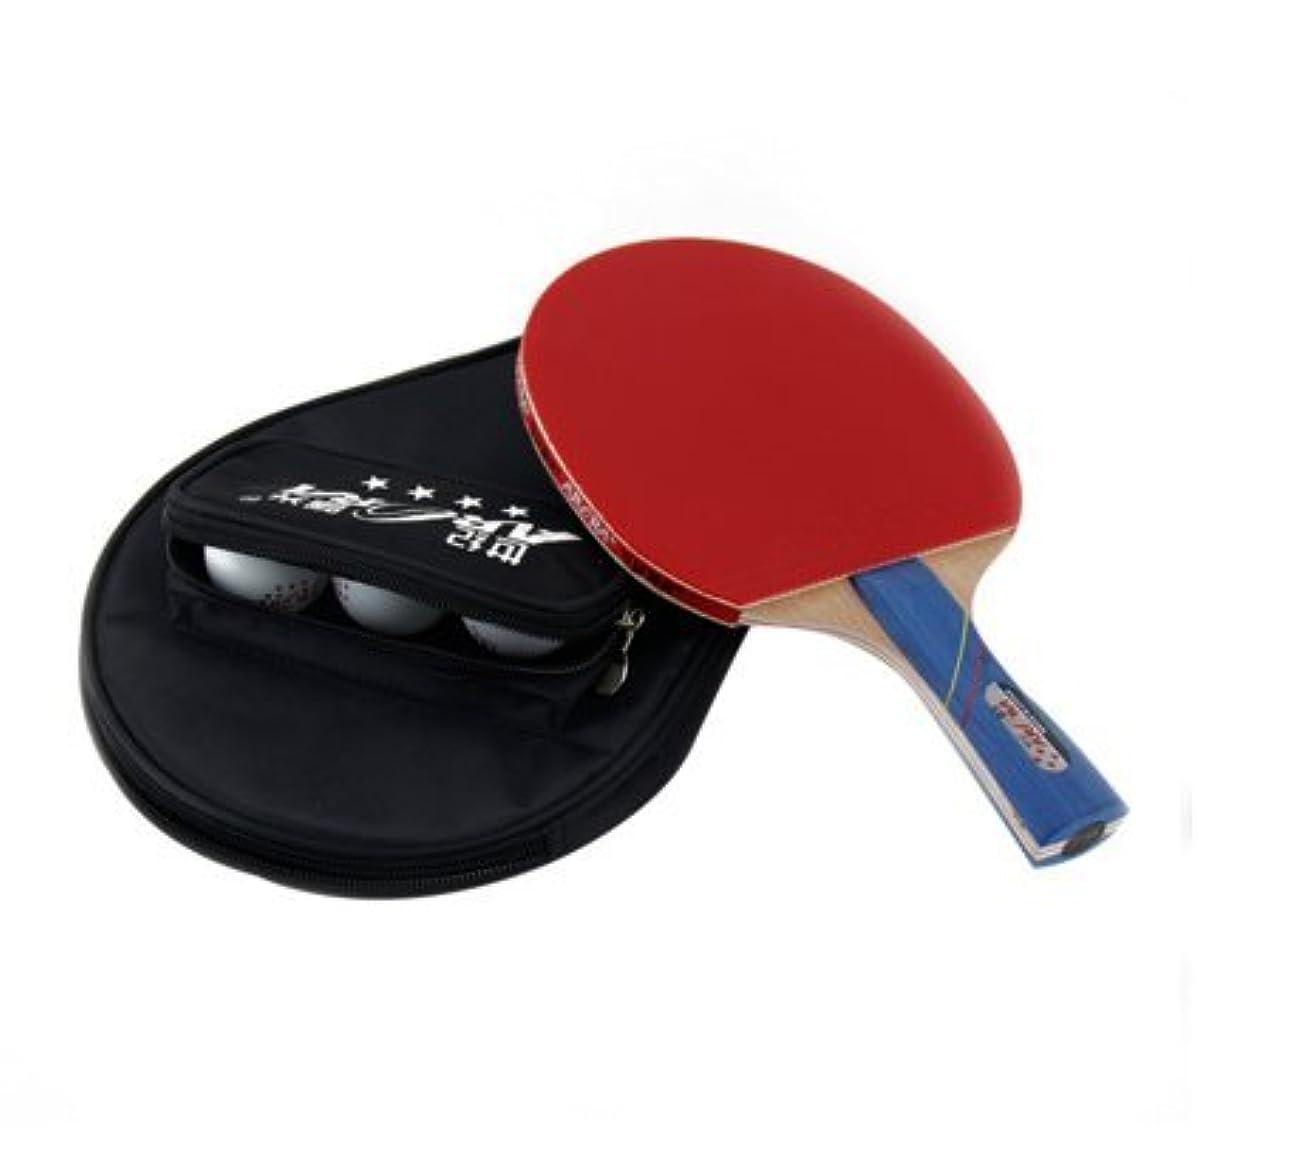 母性賢明な首尾一貫したポータブル 卓球 ラケット ポータブル 卓球セット ラケット1本 ピンポン球3個 収納袋付き 手軽 どこでも 卓球用品 卓球ラケット 卓球ボール